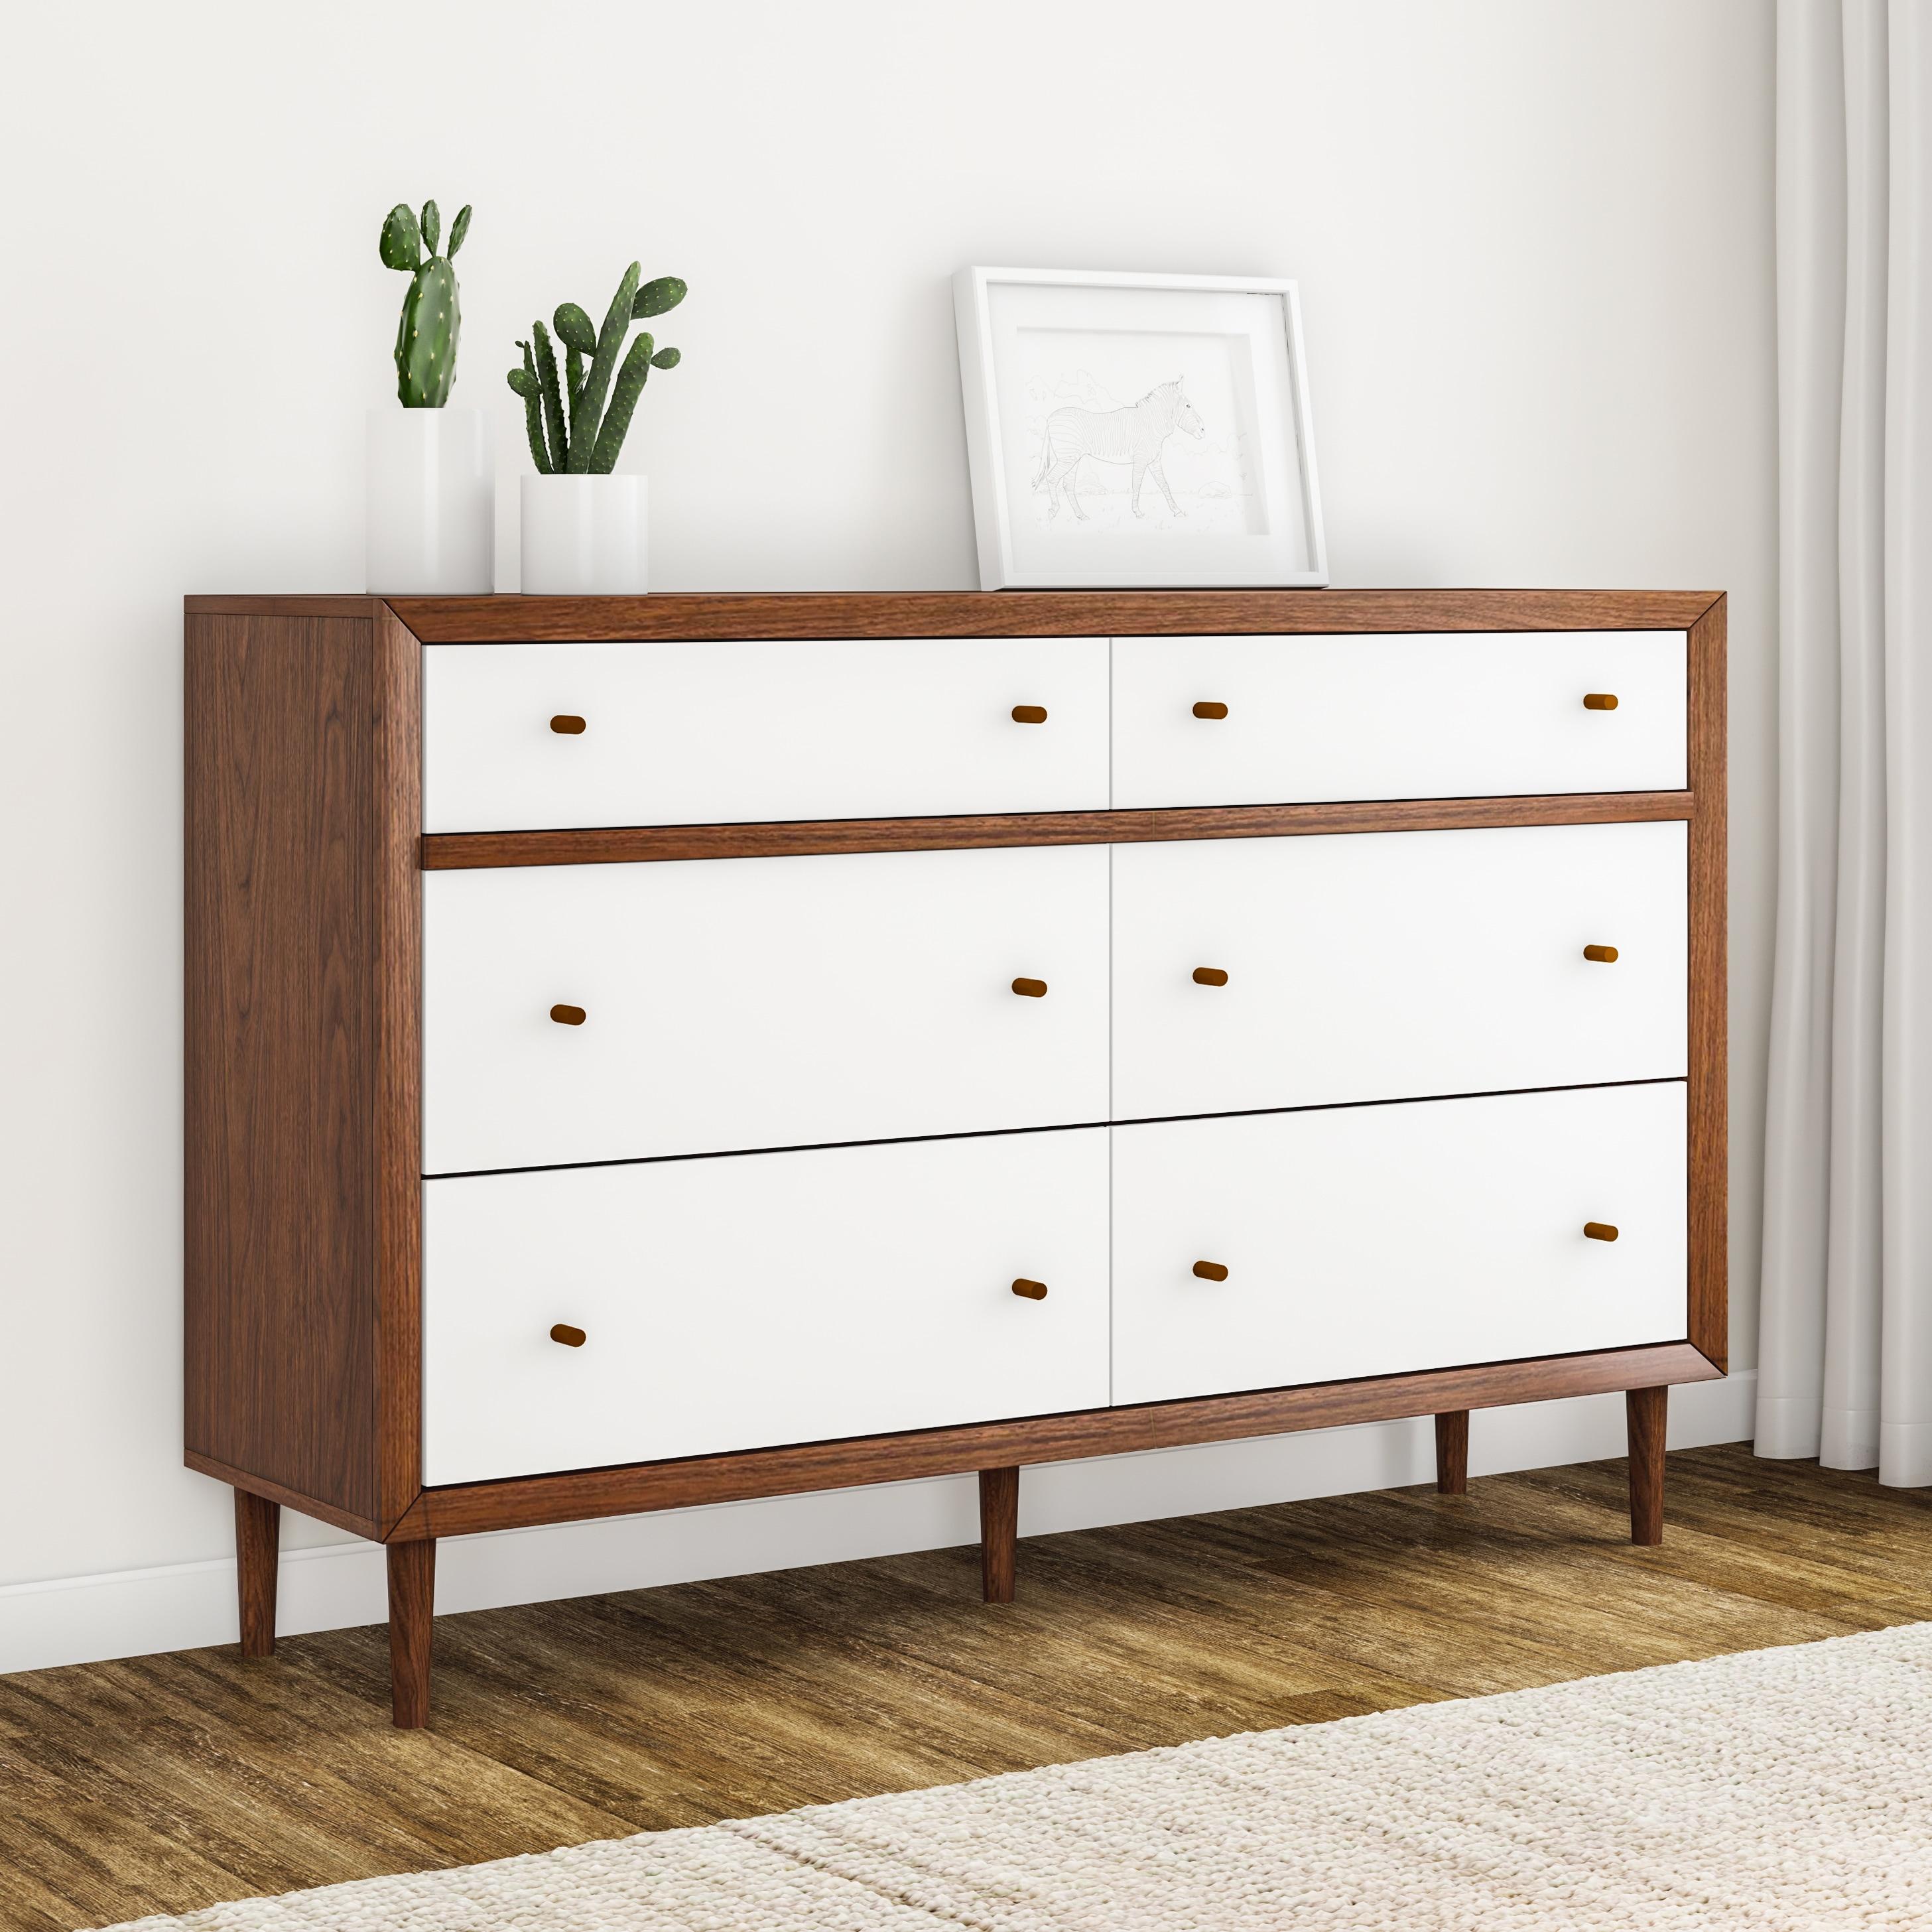 Carson Carrington Trollhattan Mid Century Modern White And Walnut Wood 6 Drawer Storage Dresser